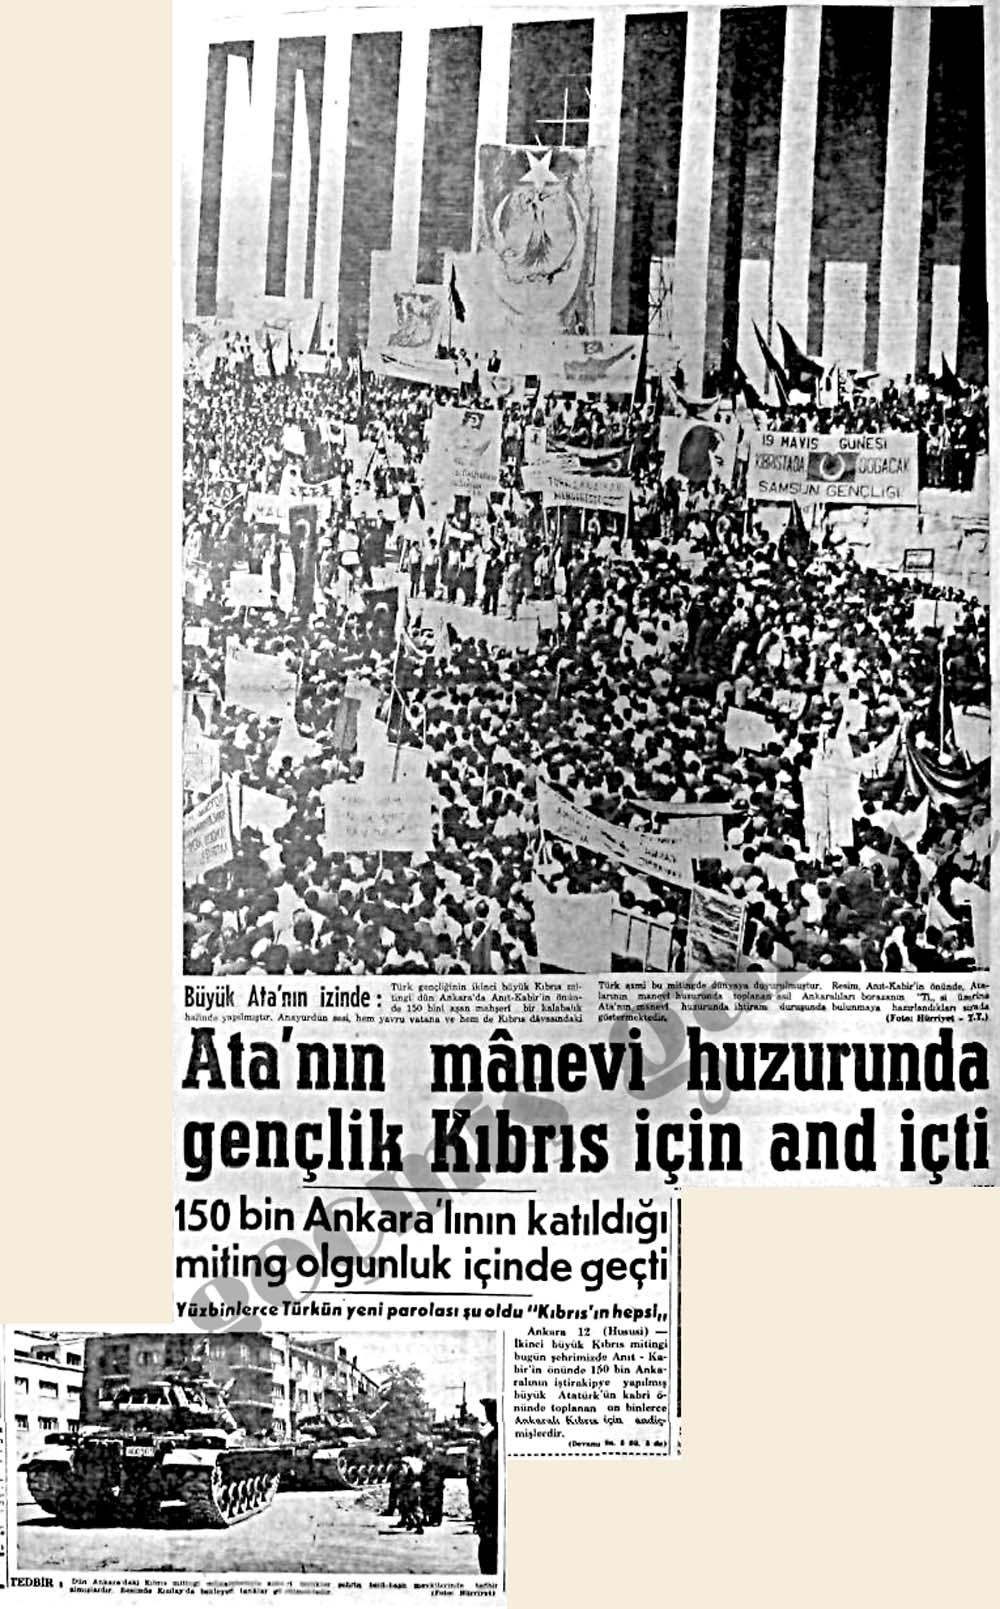 Ata'nın manevi huzurunda gençlik Kıbrıs için and içti